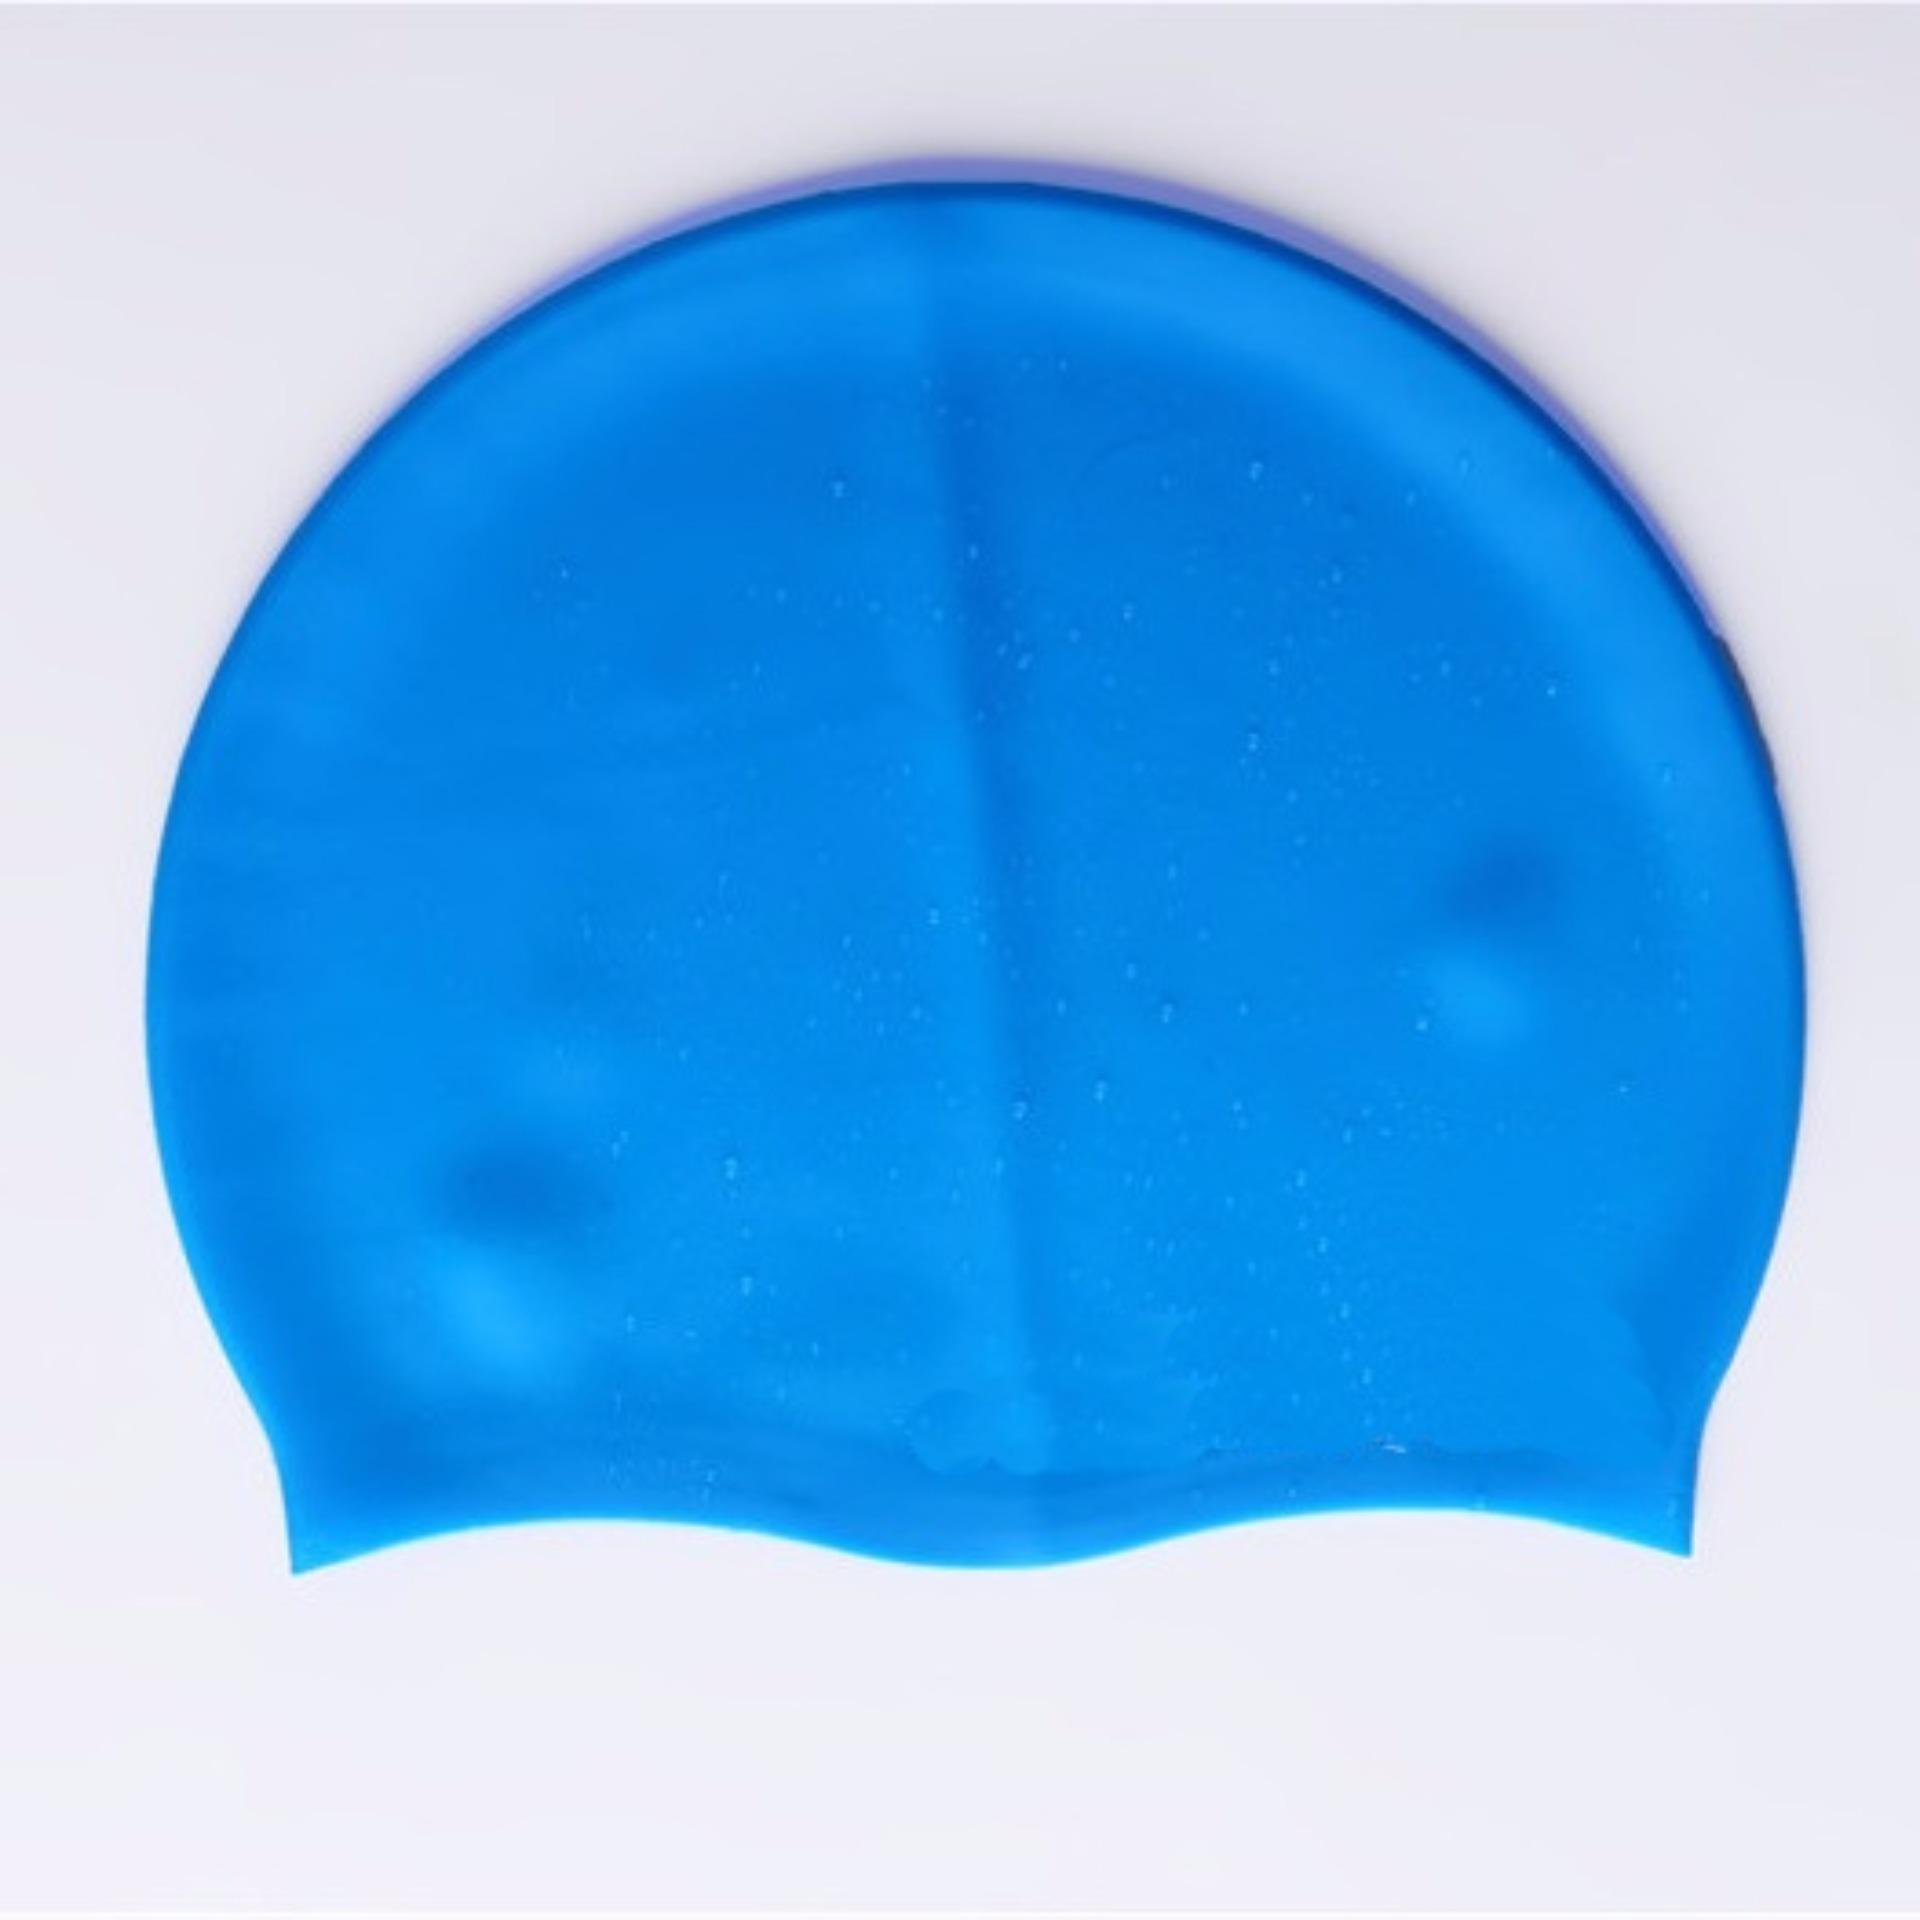 Nón bơi mũ bơi trơn silicone chống thống nước cao cấp CA31 POPO Collection 8